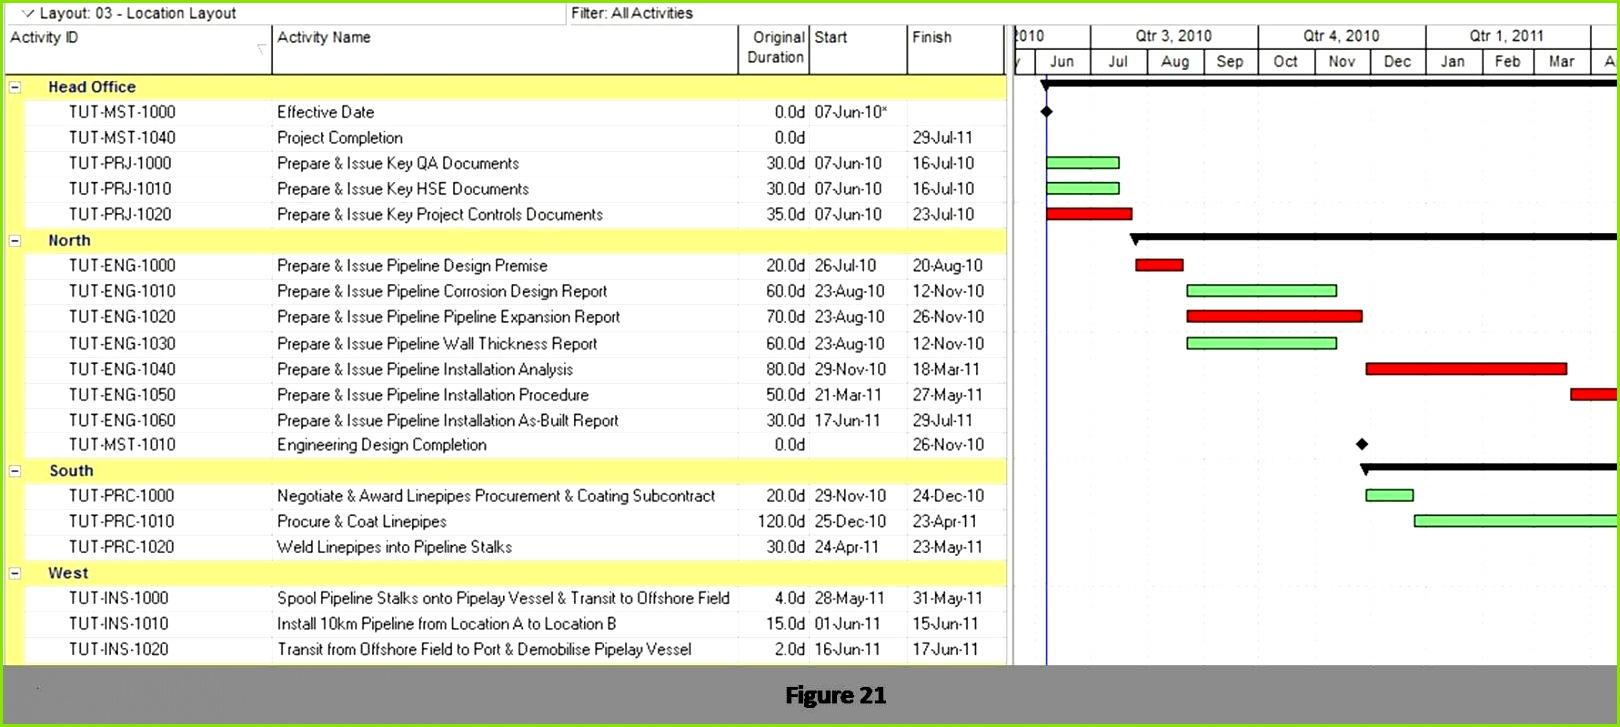 Excel Vorlage Haushaltsbuch Die Besten 30 Schön Bewerbung Aufbau Muster Yayaconnection